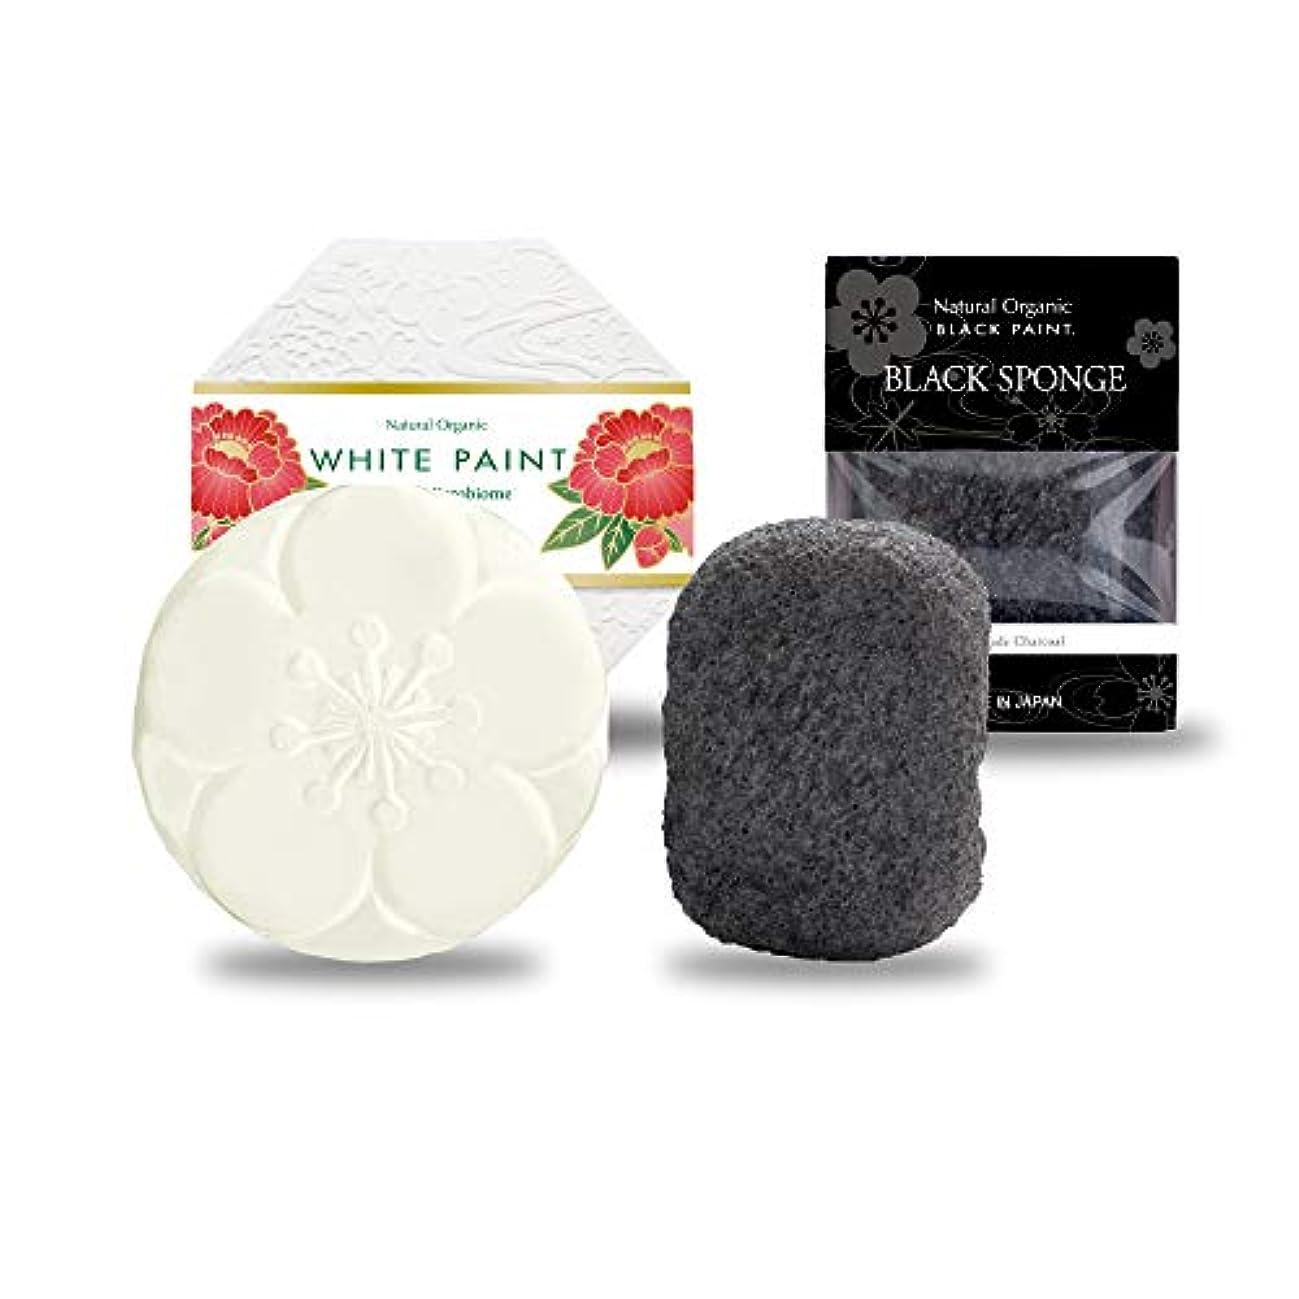 コミュニケーションシングル焼くプレミアムホワイトペイント120g&ブラックスポンジ 洗顔セット